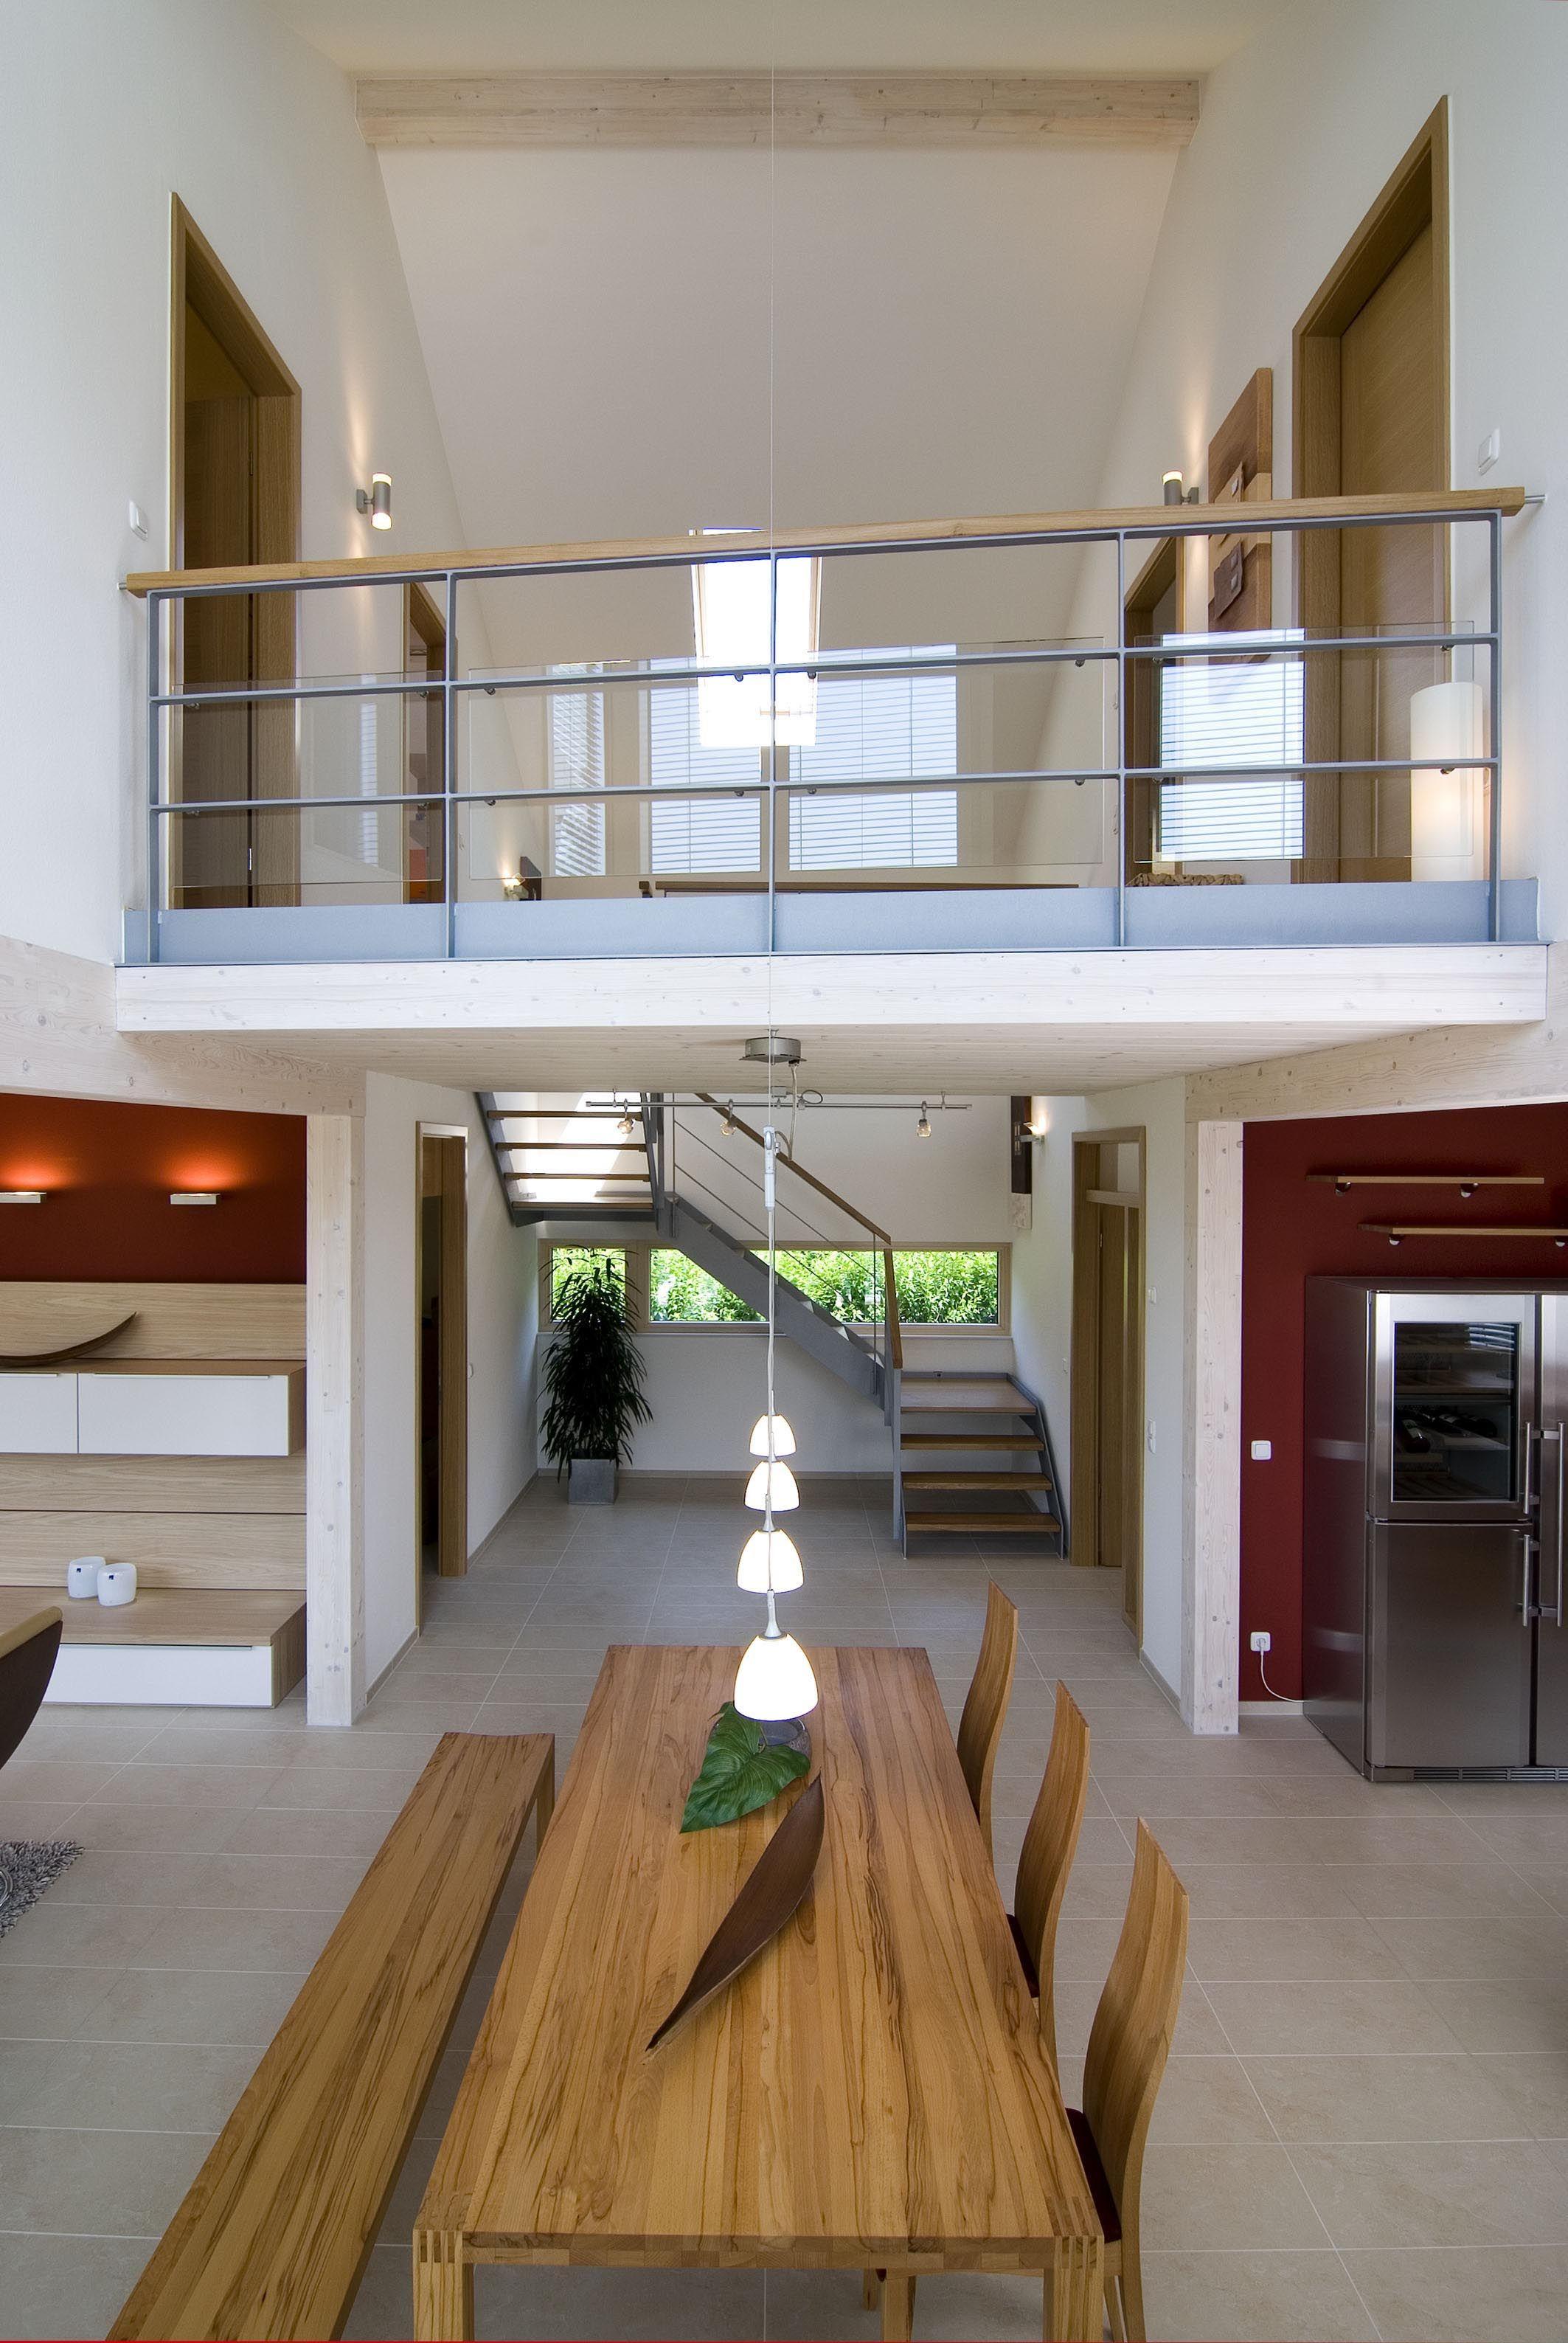 Modern Wohnen Mit Offenem Grundriss Galerie Luftraum Inneneinrichtung Ideen Fertighaus Design 168 Von Frammelsberger Holzhaus Fertighauser Haus Okal Haus